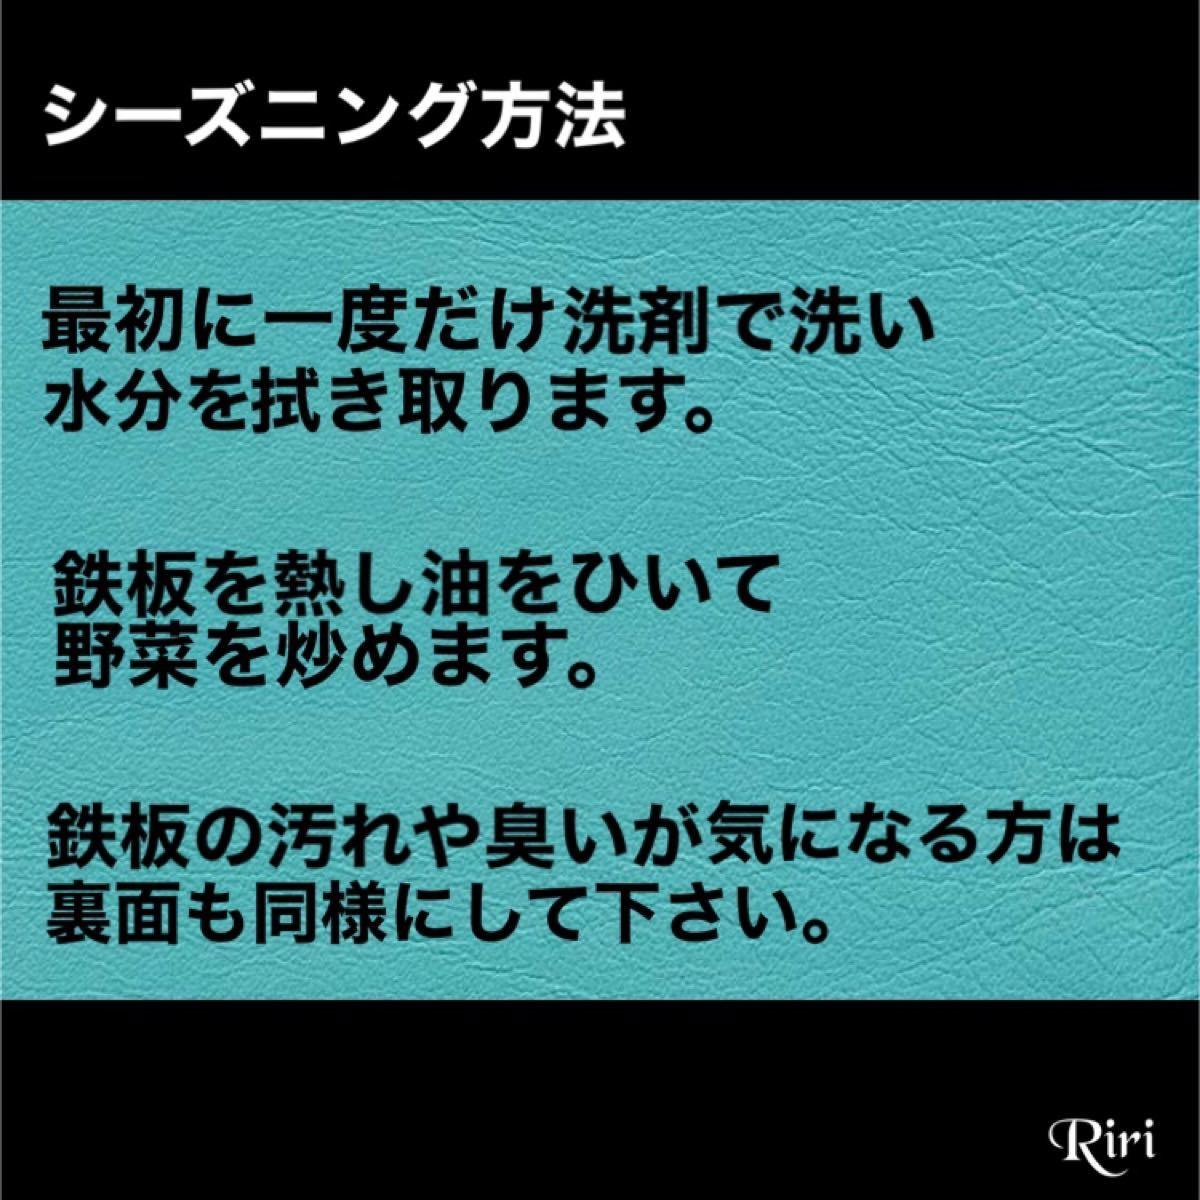 鉄板/メスティン/収納可能/単品/黒皮鉄板/6ミリ